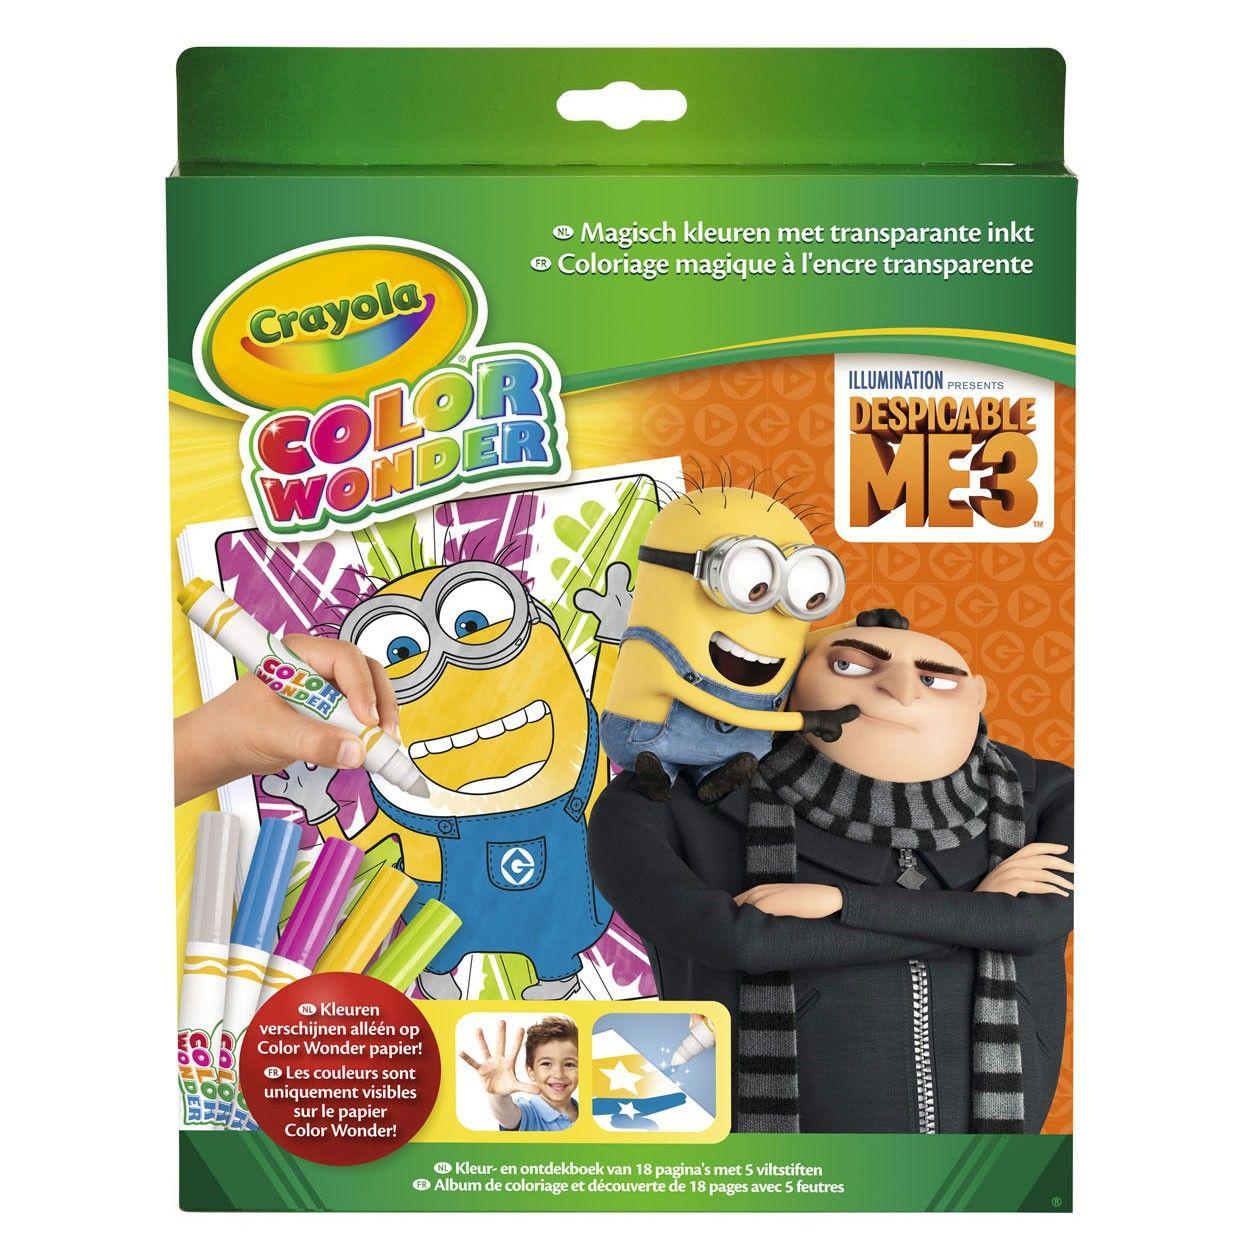 Crayola Color Wonder Despicable Me 3 Kleurboek Voor Kinderen Kleuren